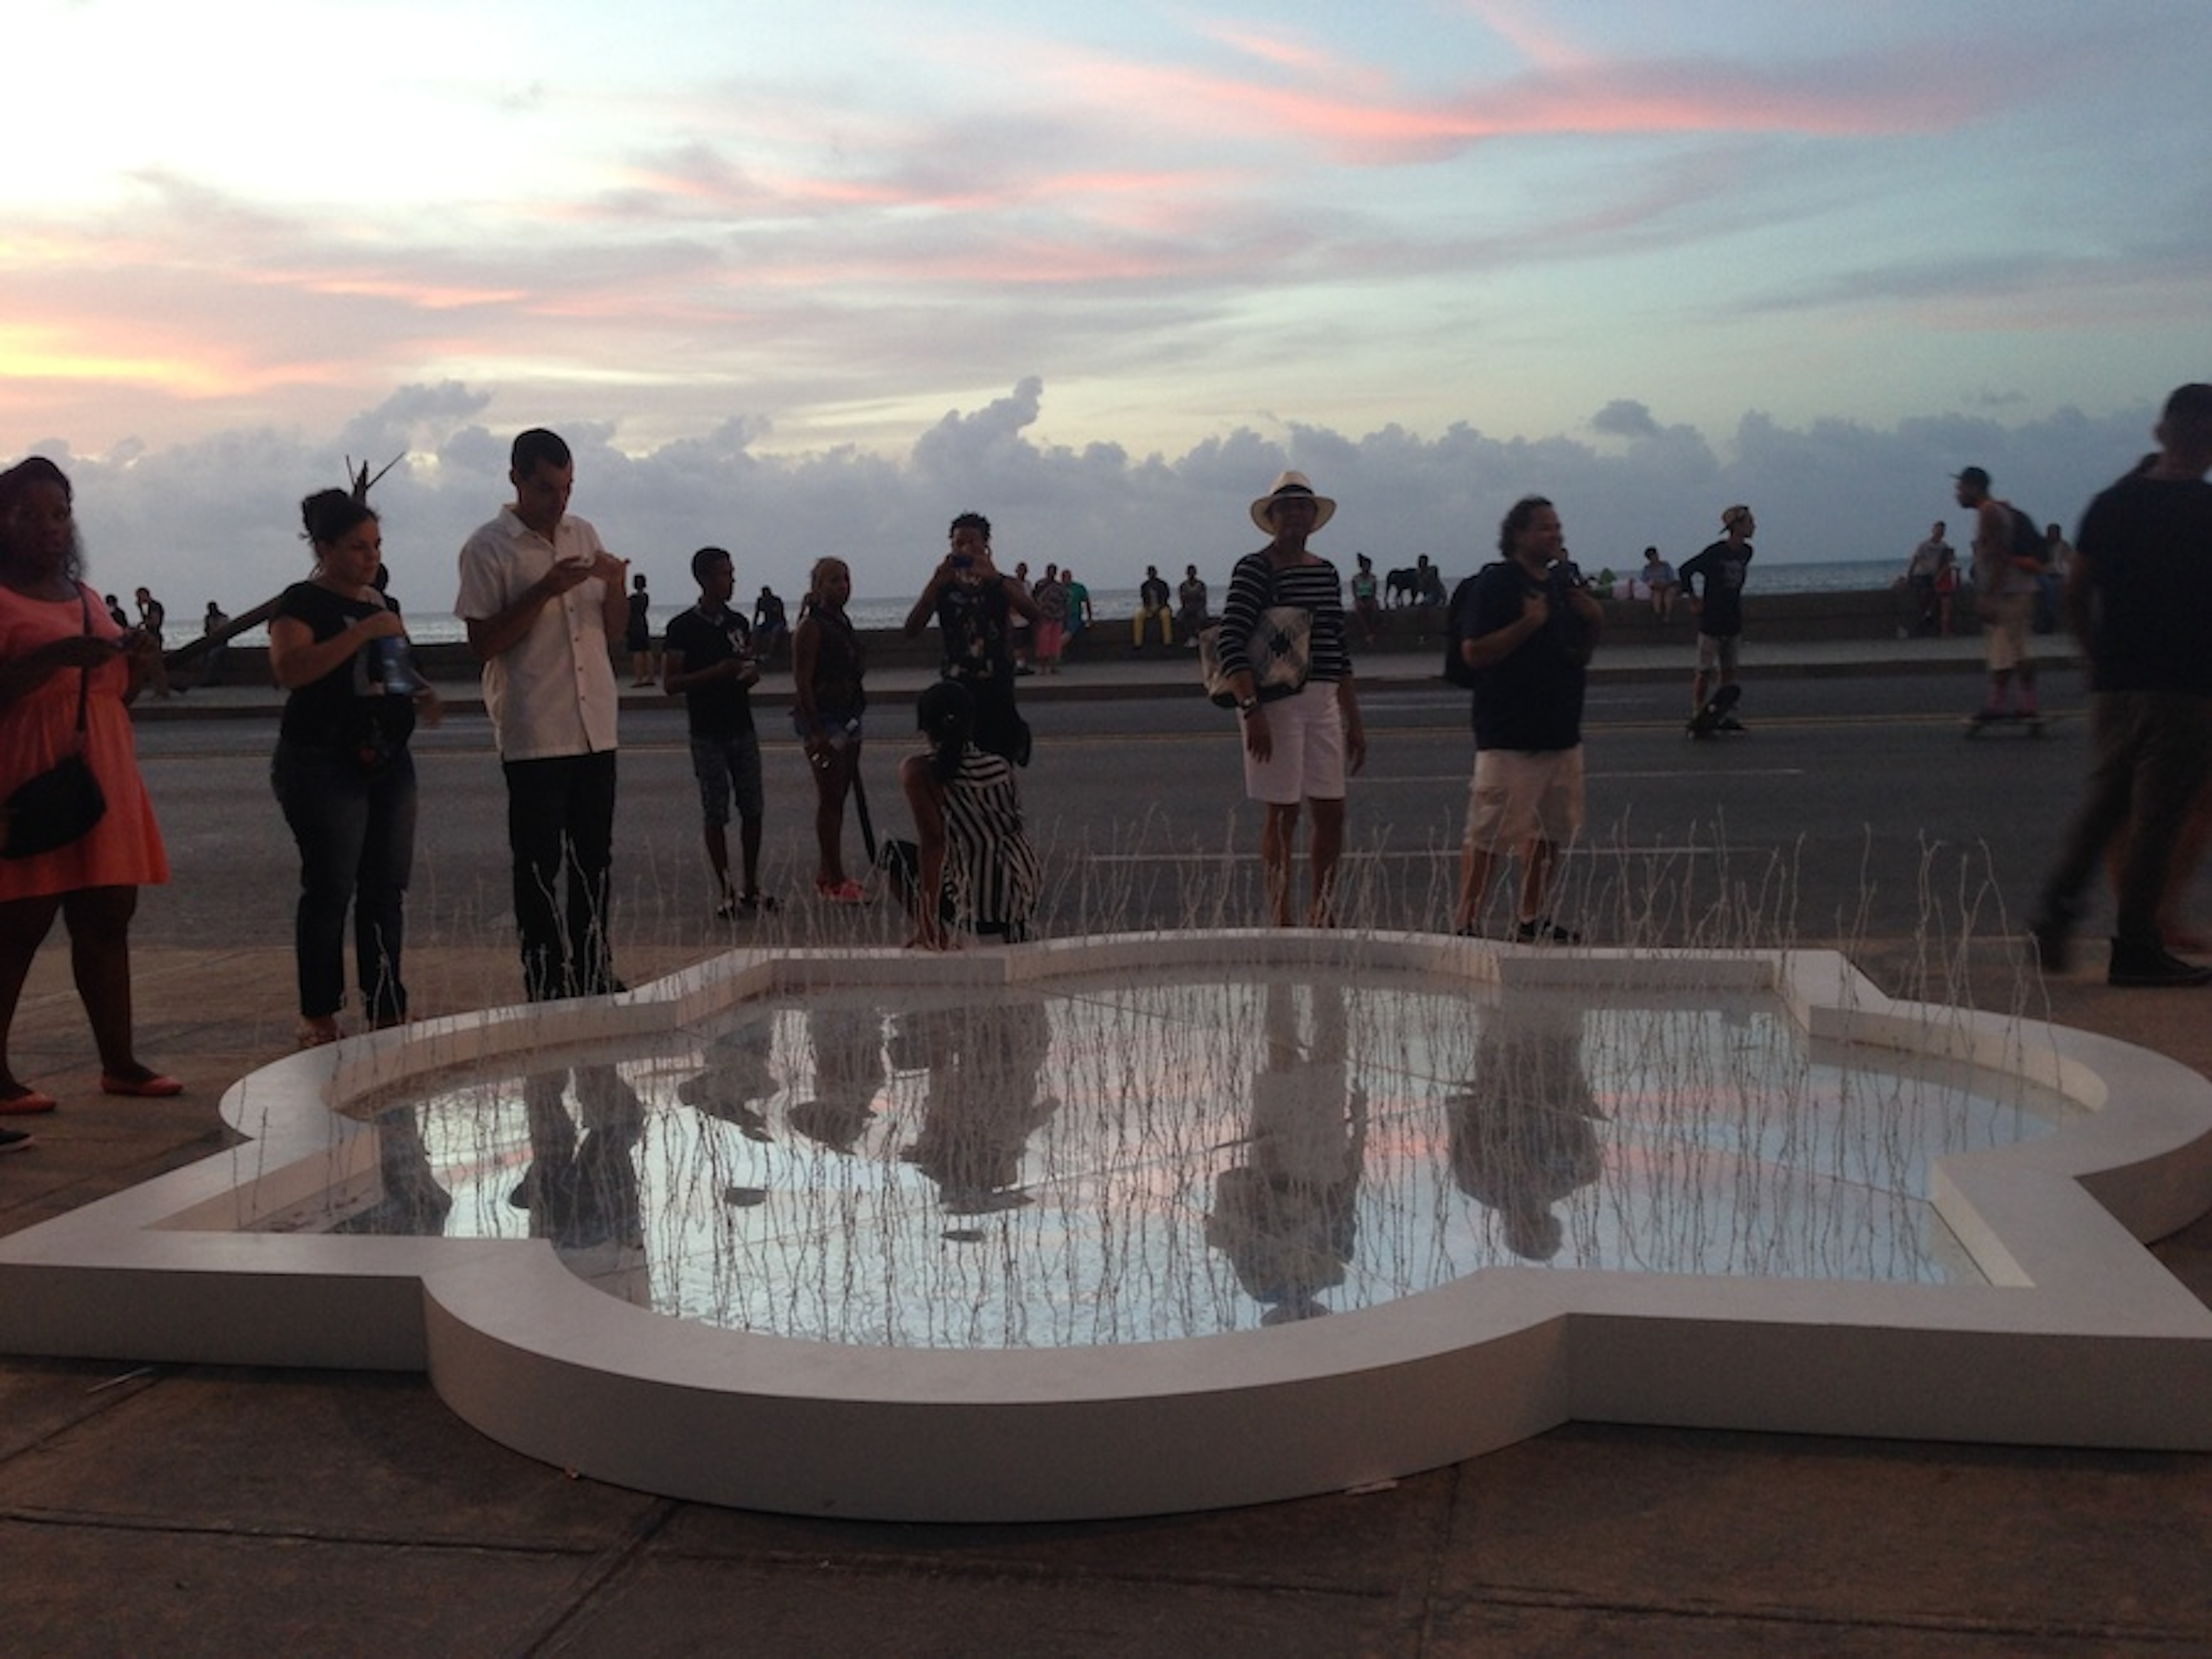 Havana Biennial represents a changing Cuba